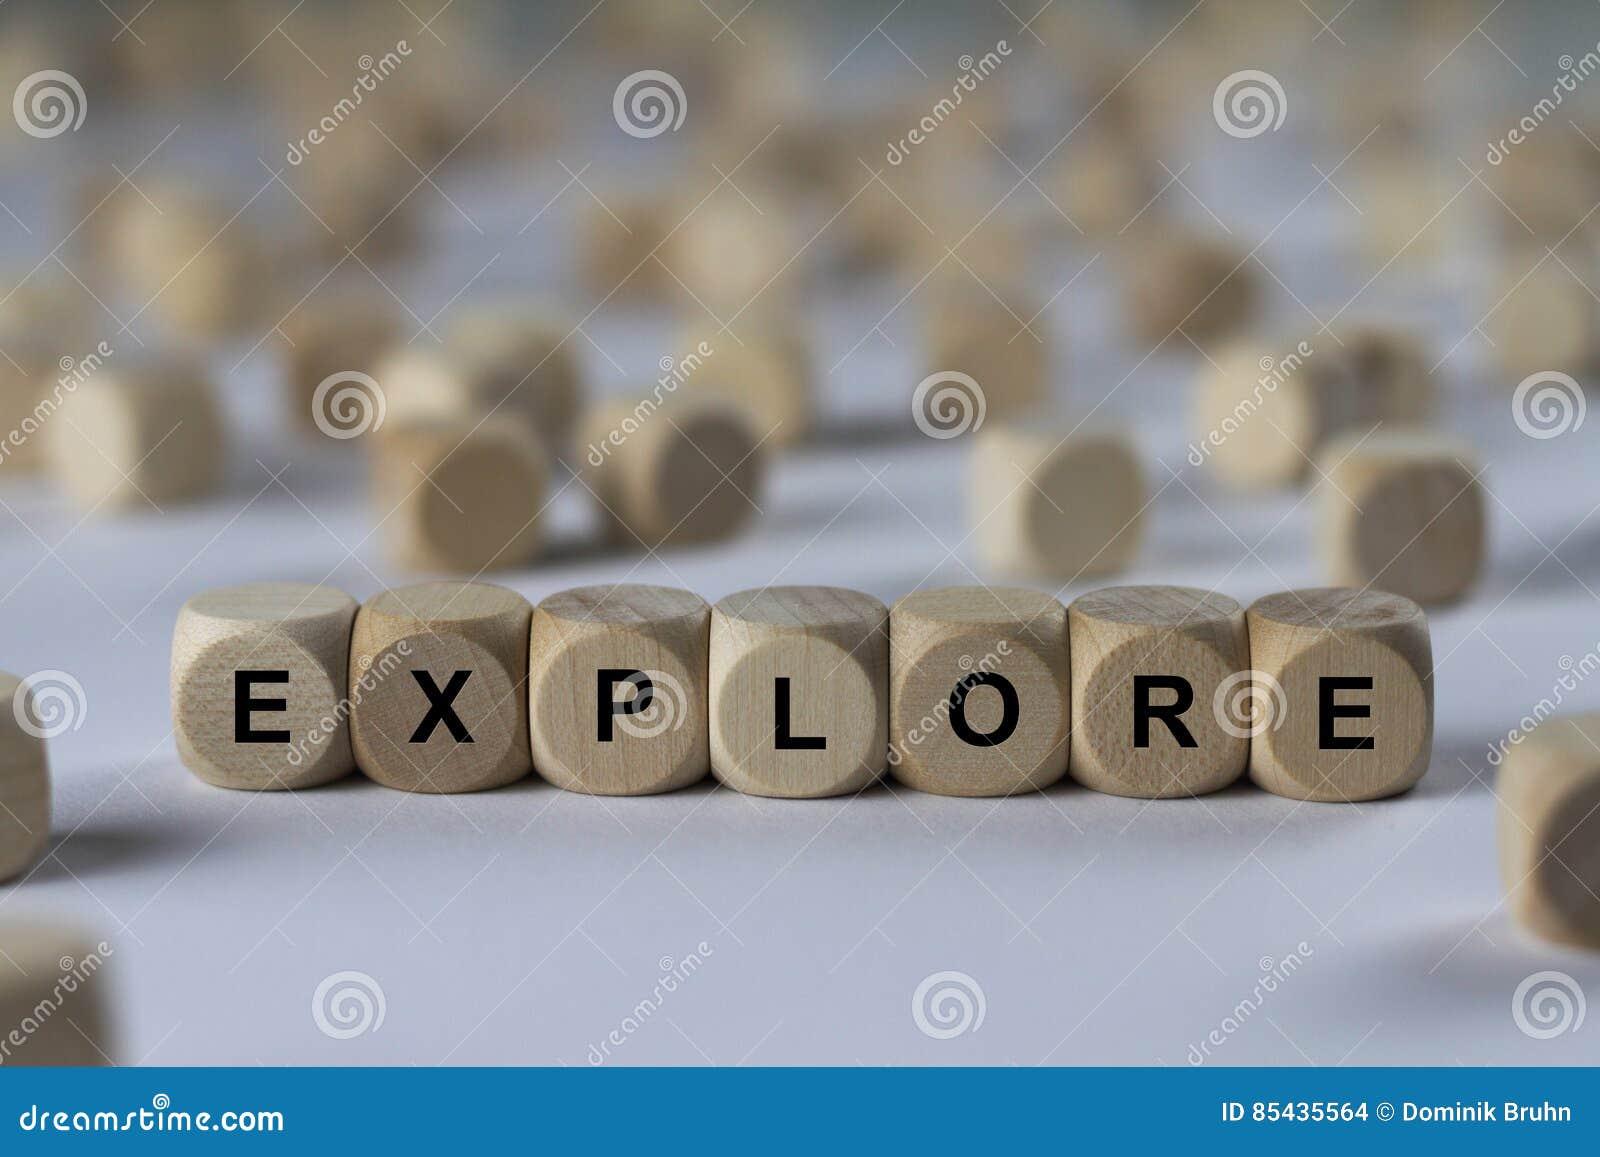 Explore - o cubo com letras, sinal com cubos de madeira